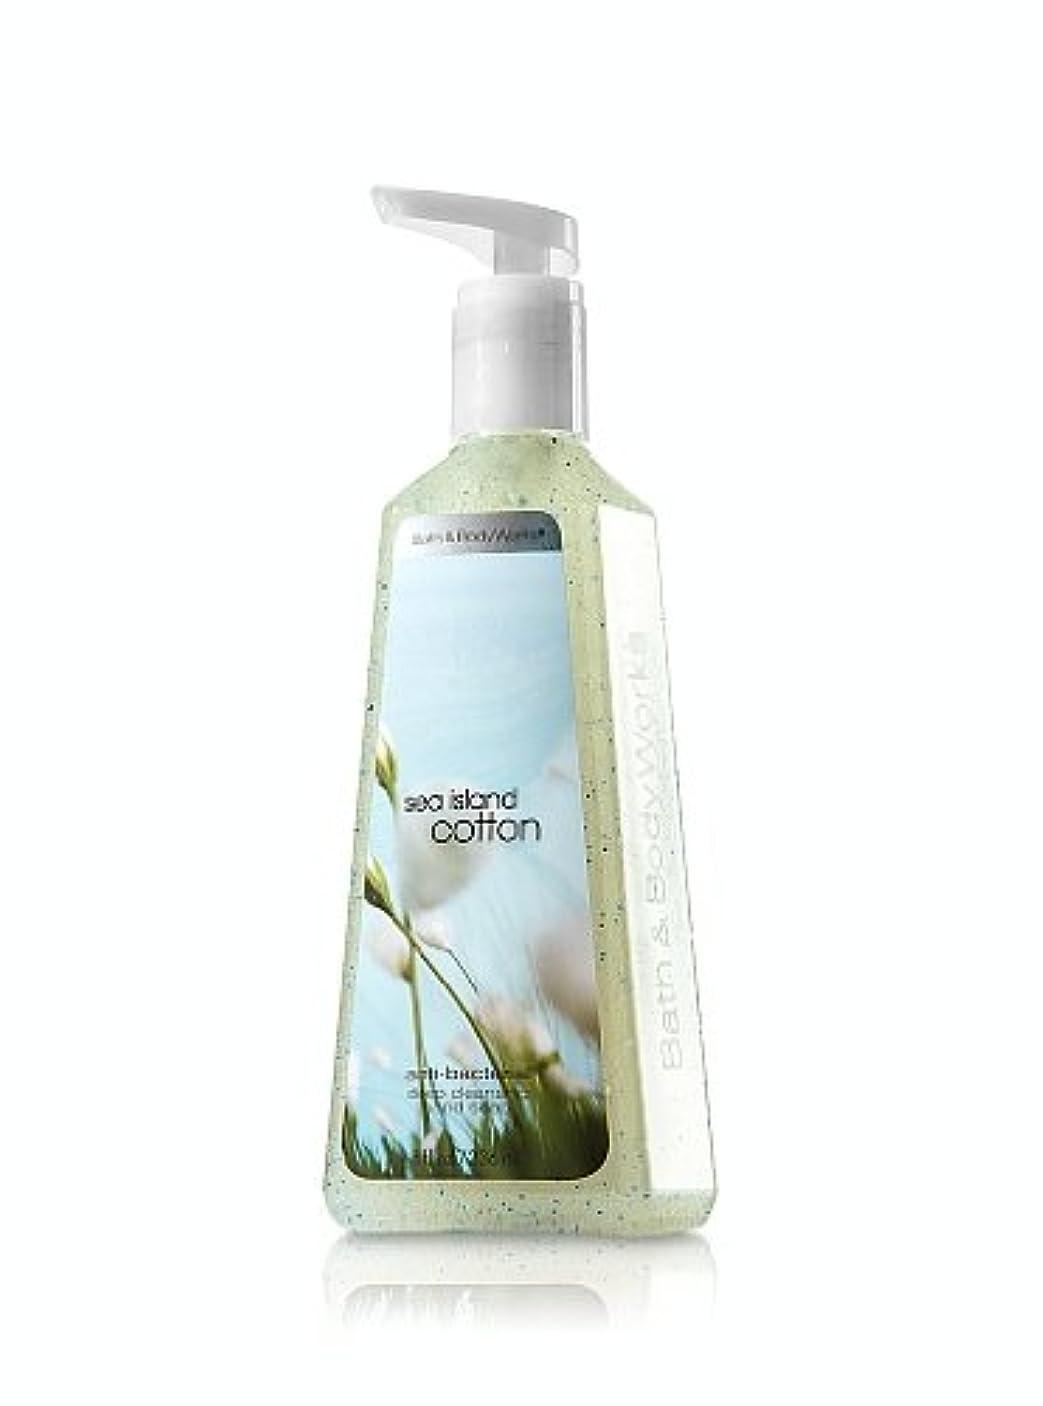 顕微鏡ふつうずんぐりしたバス&ボディワークス シーアイランドコットン ディープクレンジングハンドソープ Sea Island Cotton Deep Cleansing Hand Soap [並行輸入品]